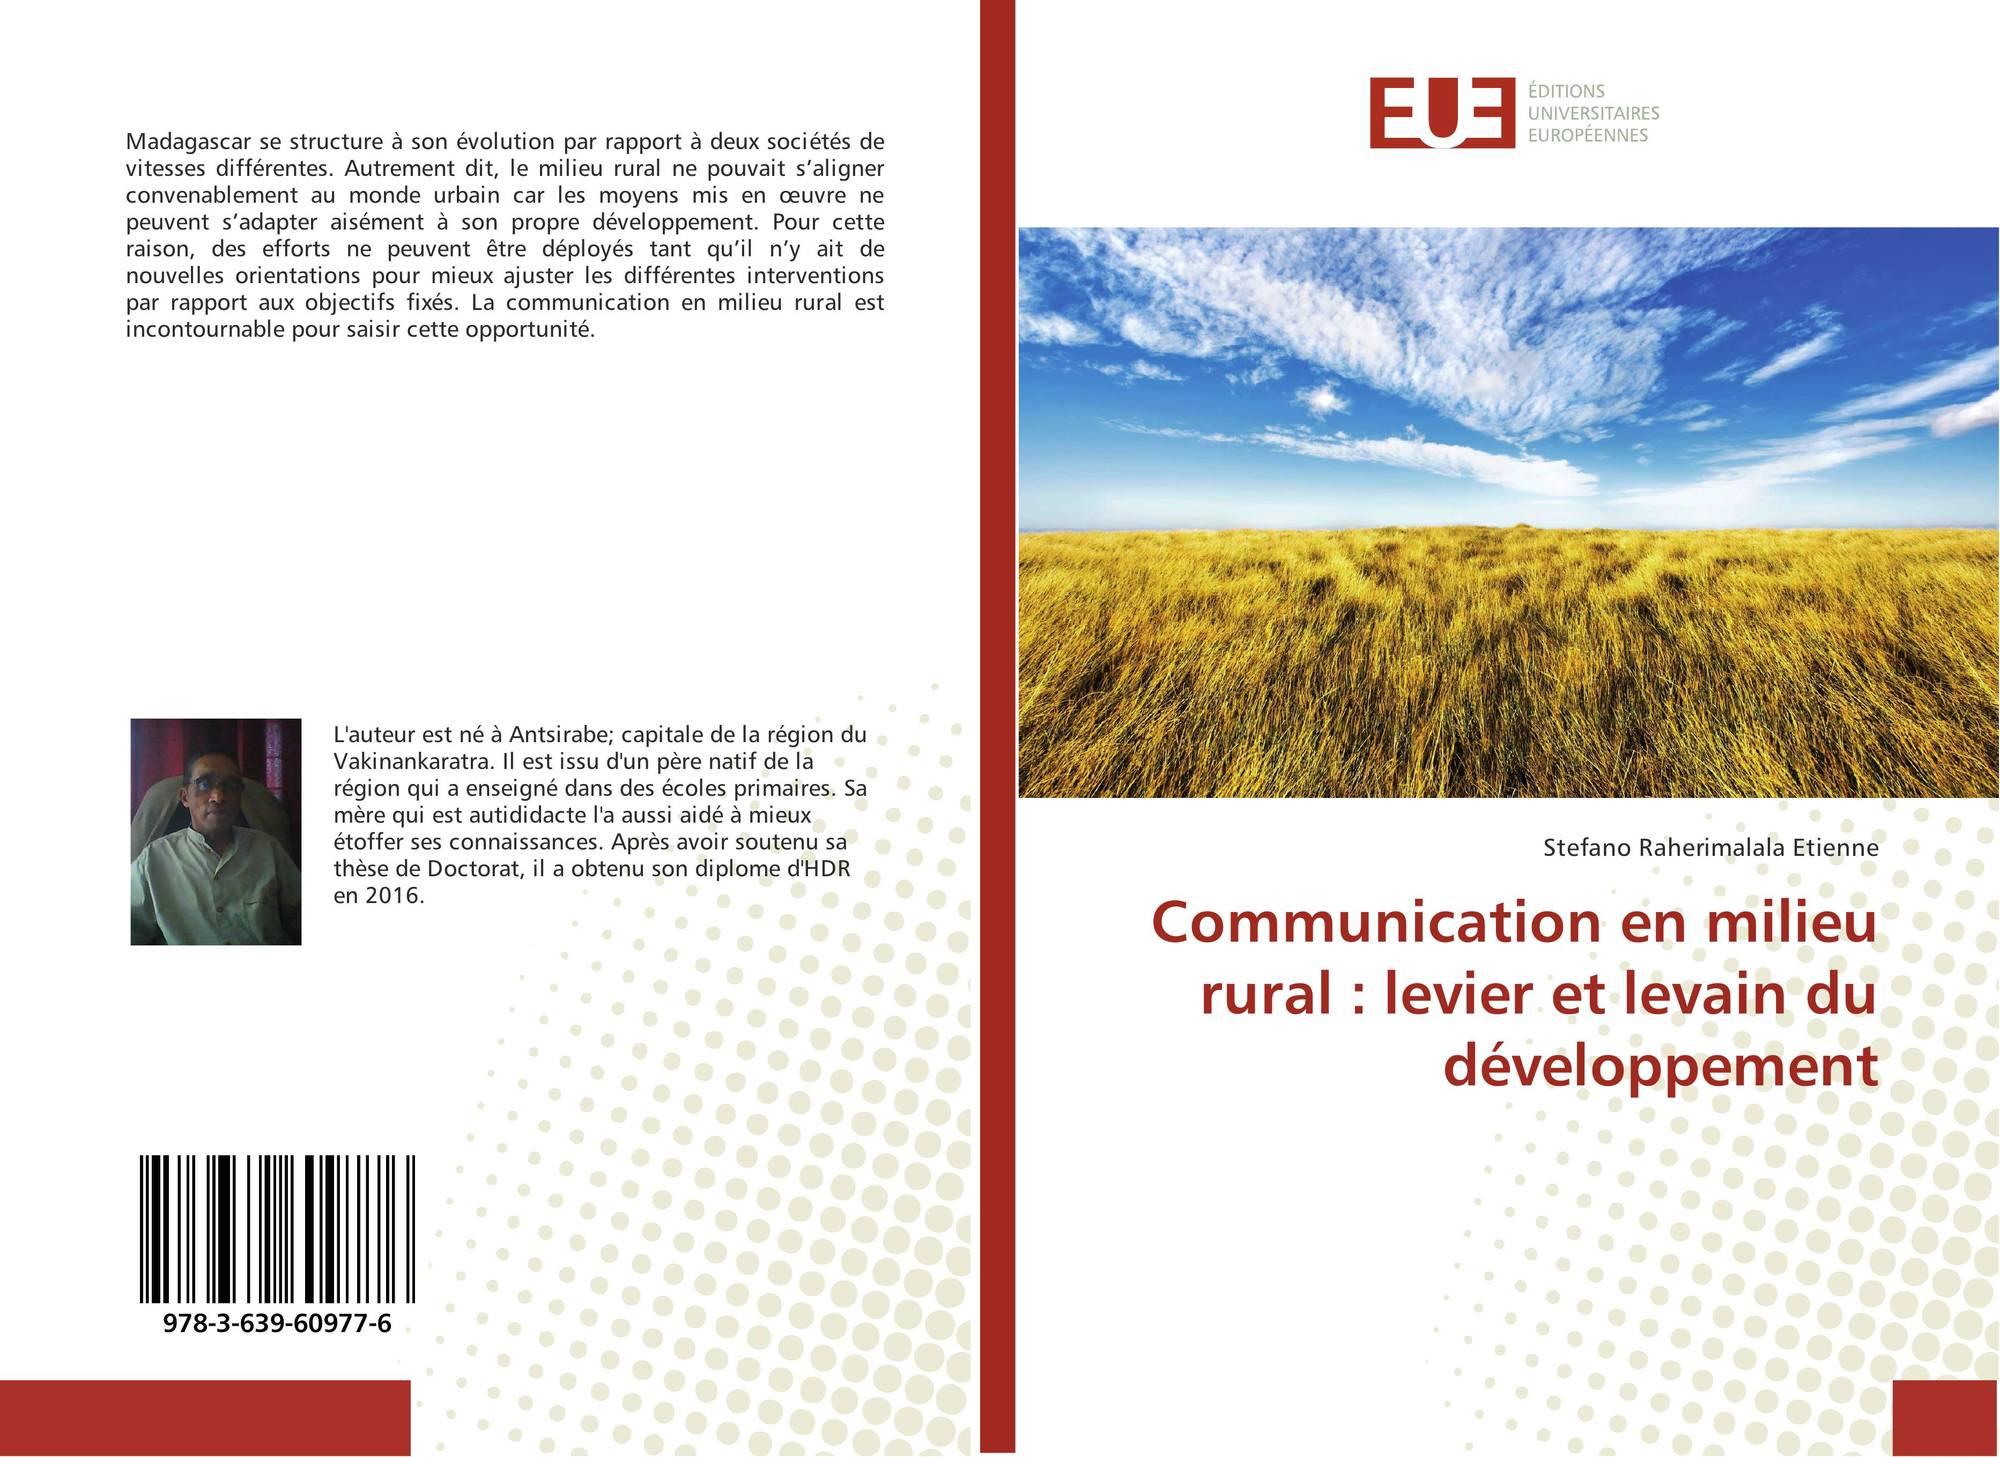 Communication en milieu rural levier et levain du for En milieu rural